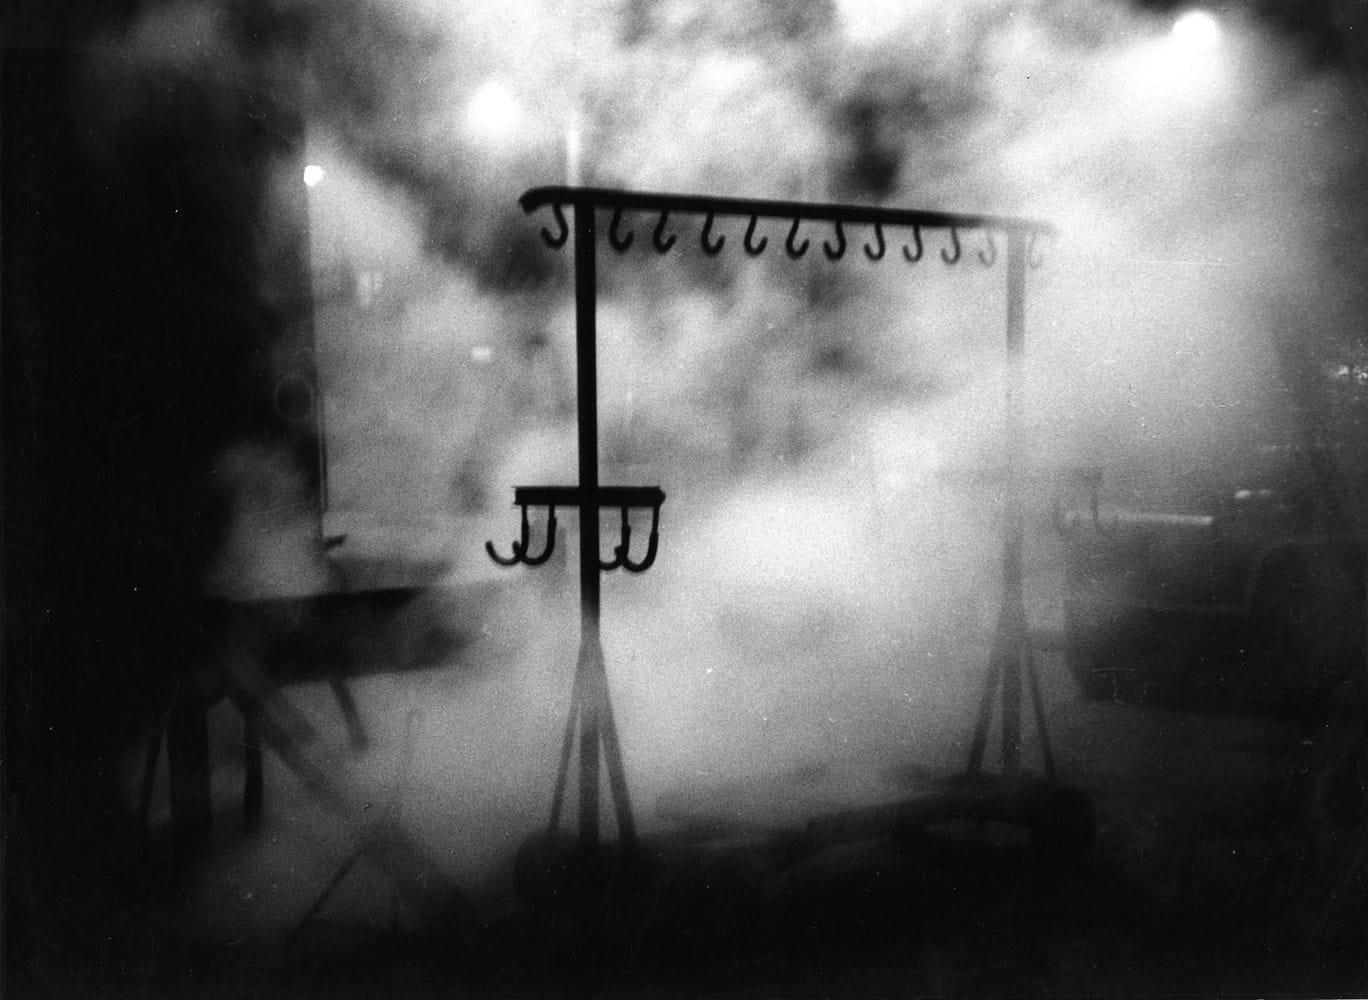 Sabine Weiss Gare Saint-Lazare, Paris Tirage gélatino-argentique d'époque réalisé par l'artiste 29 x 21 cm Dim. papier: 29 x 21 cm